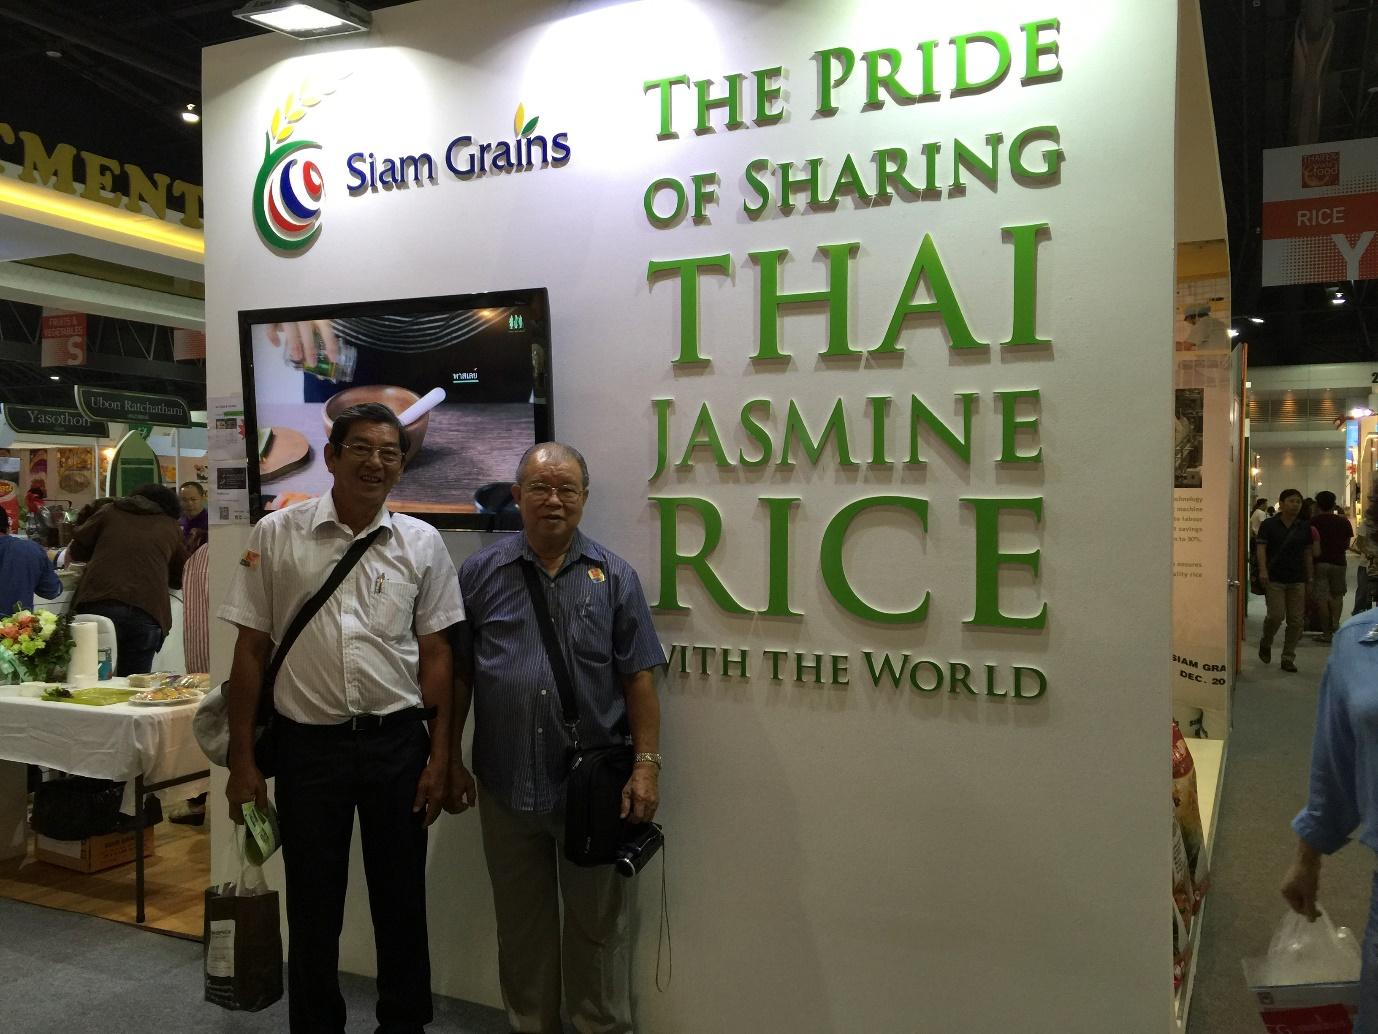 GS. Võ Tòng Xuân và kỹ sư Hồ Quang Cua trong Đoàn Sóc Trăng tham dự học kinh nghiệm marketing thương hiệu gạo tại Hội Chợ ThaiFex, Bangkok, Thái Lan.